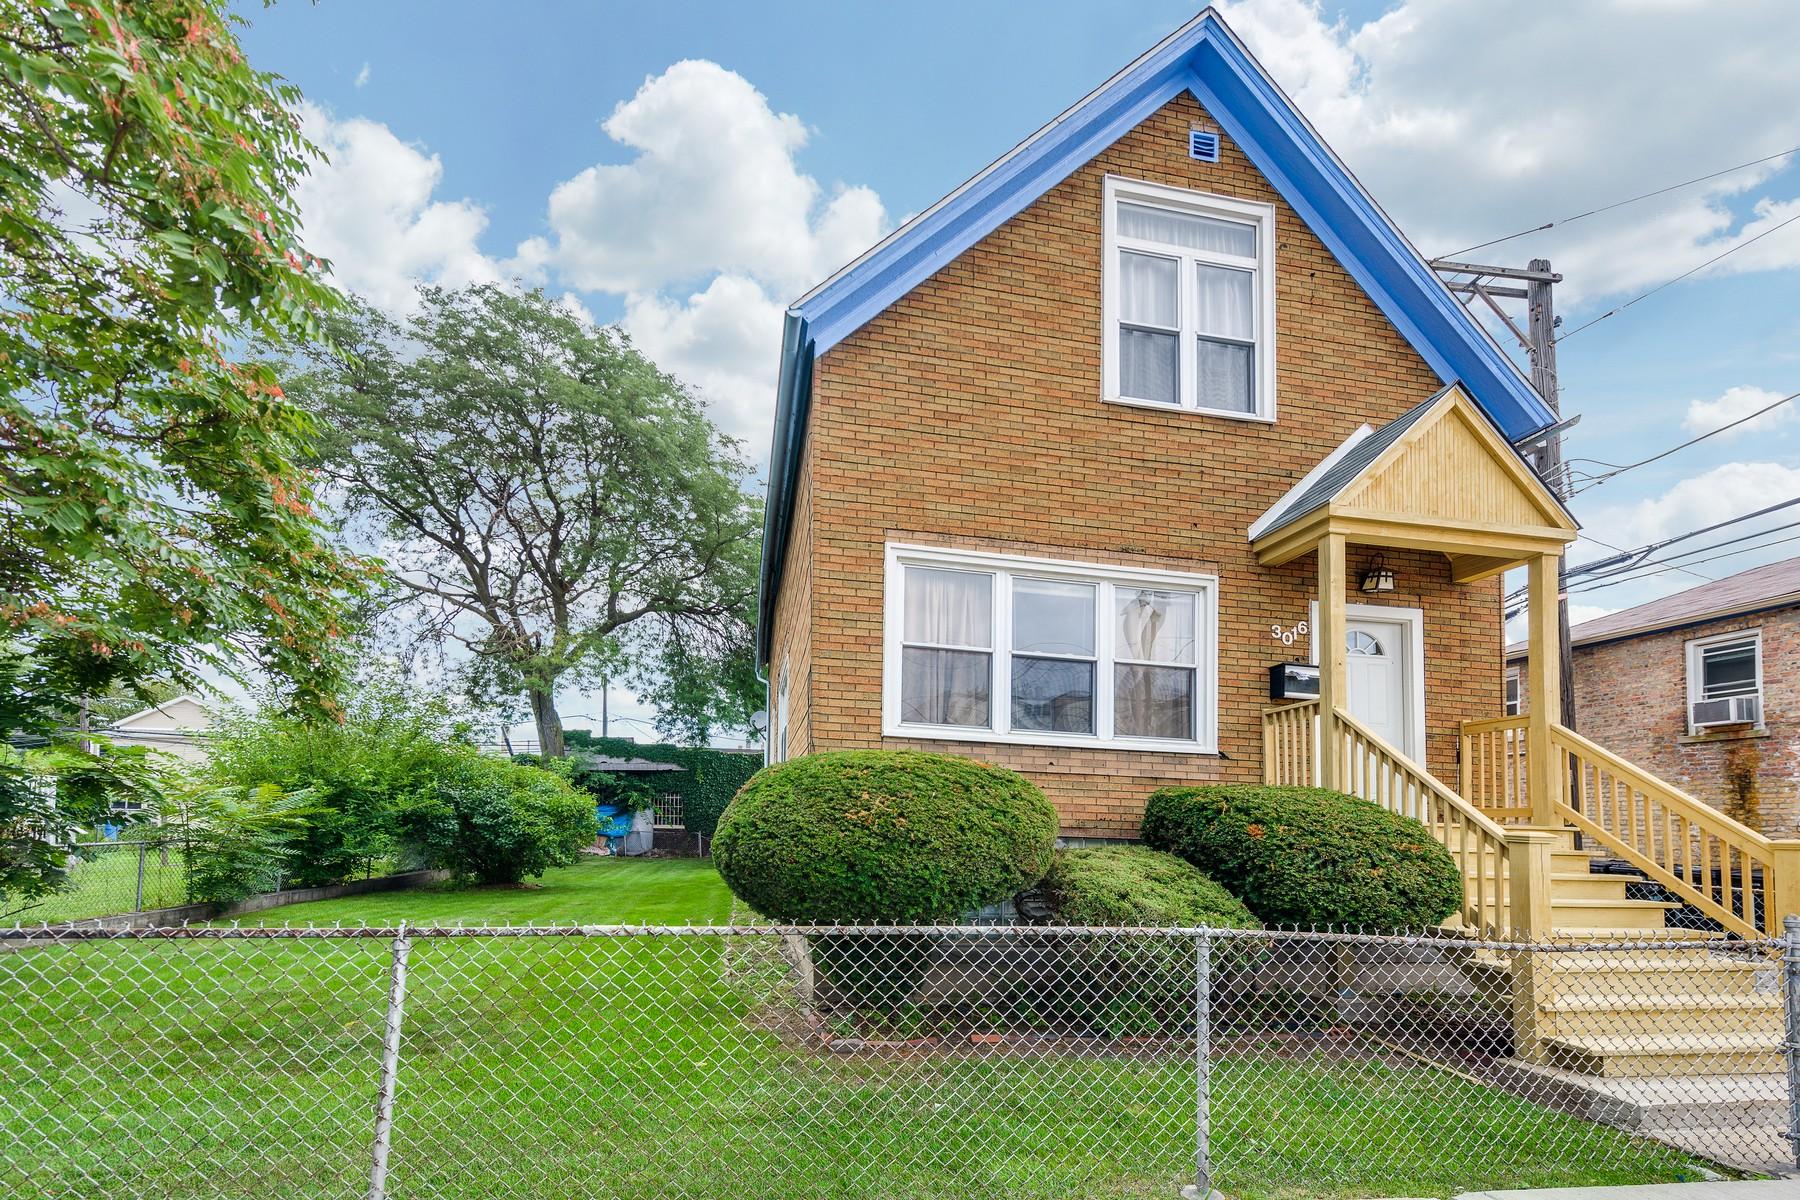 独户住宅 为 销售 在 Great Home on Double Lot 3016 W Medill Avenue 芝加哥, 伊利诺斯州, 60647 美国